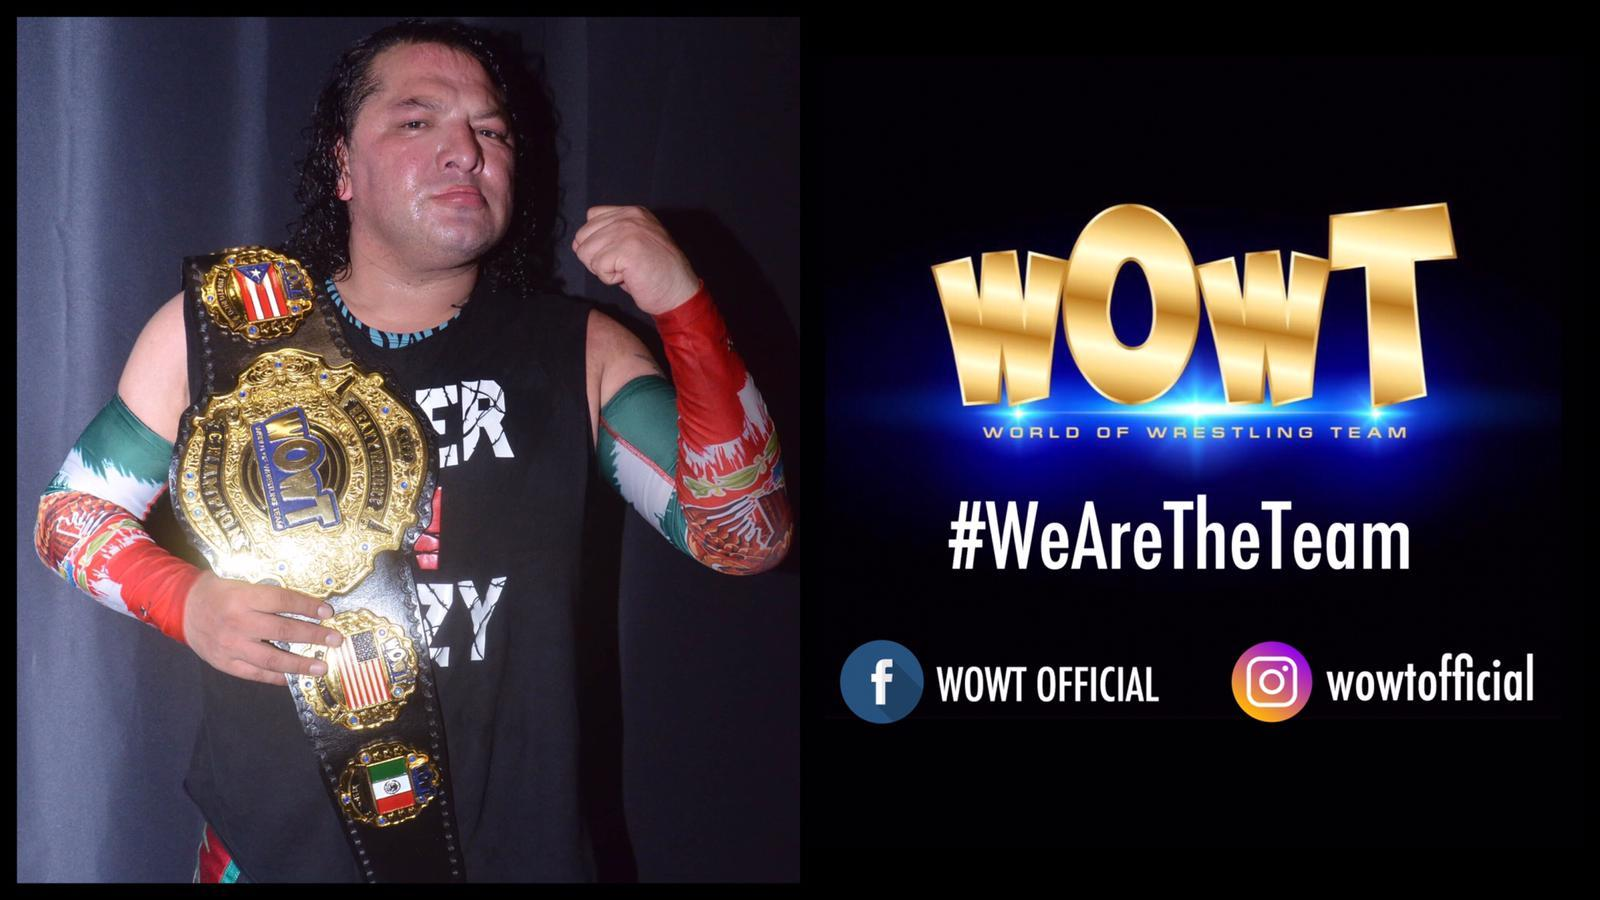 ¡Super Crazy nuevo campeón peso completo de WOWT de Chicago! 1